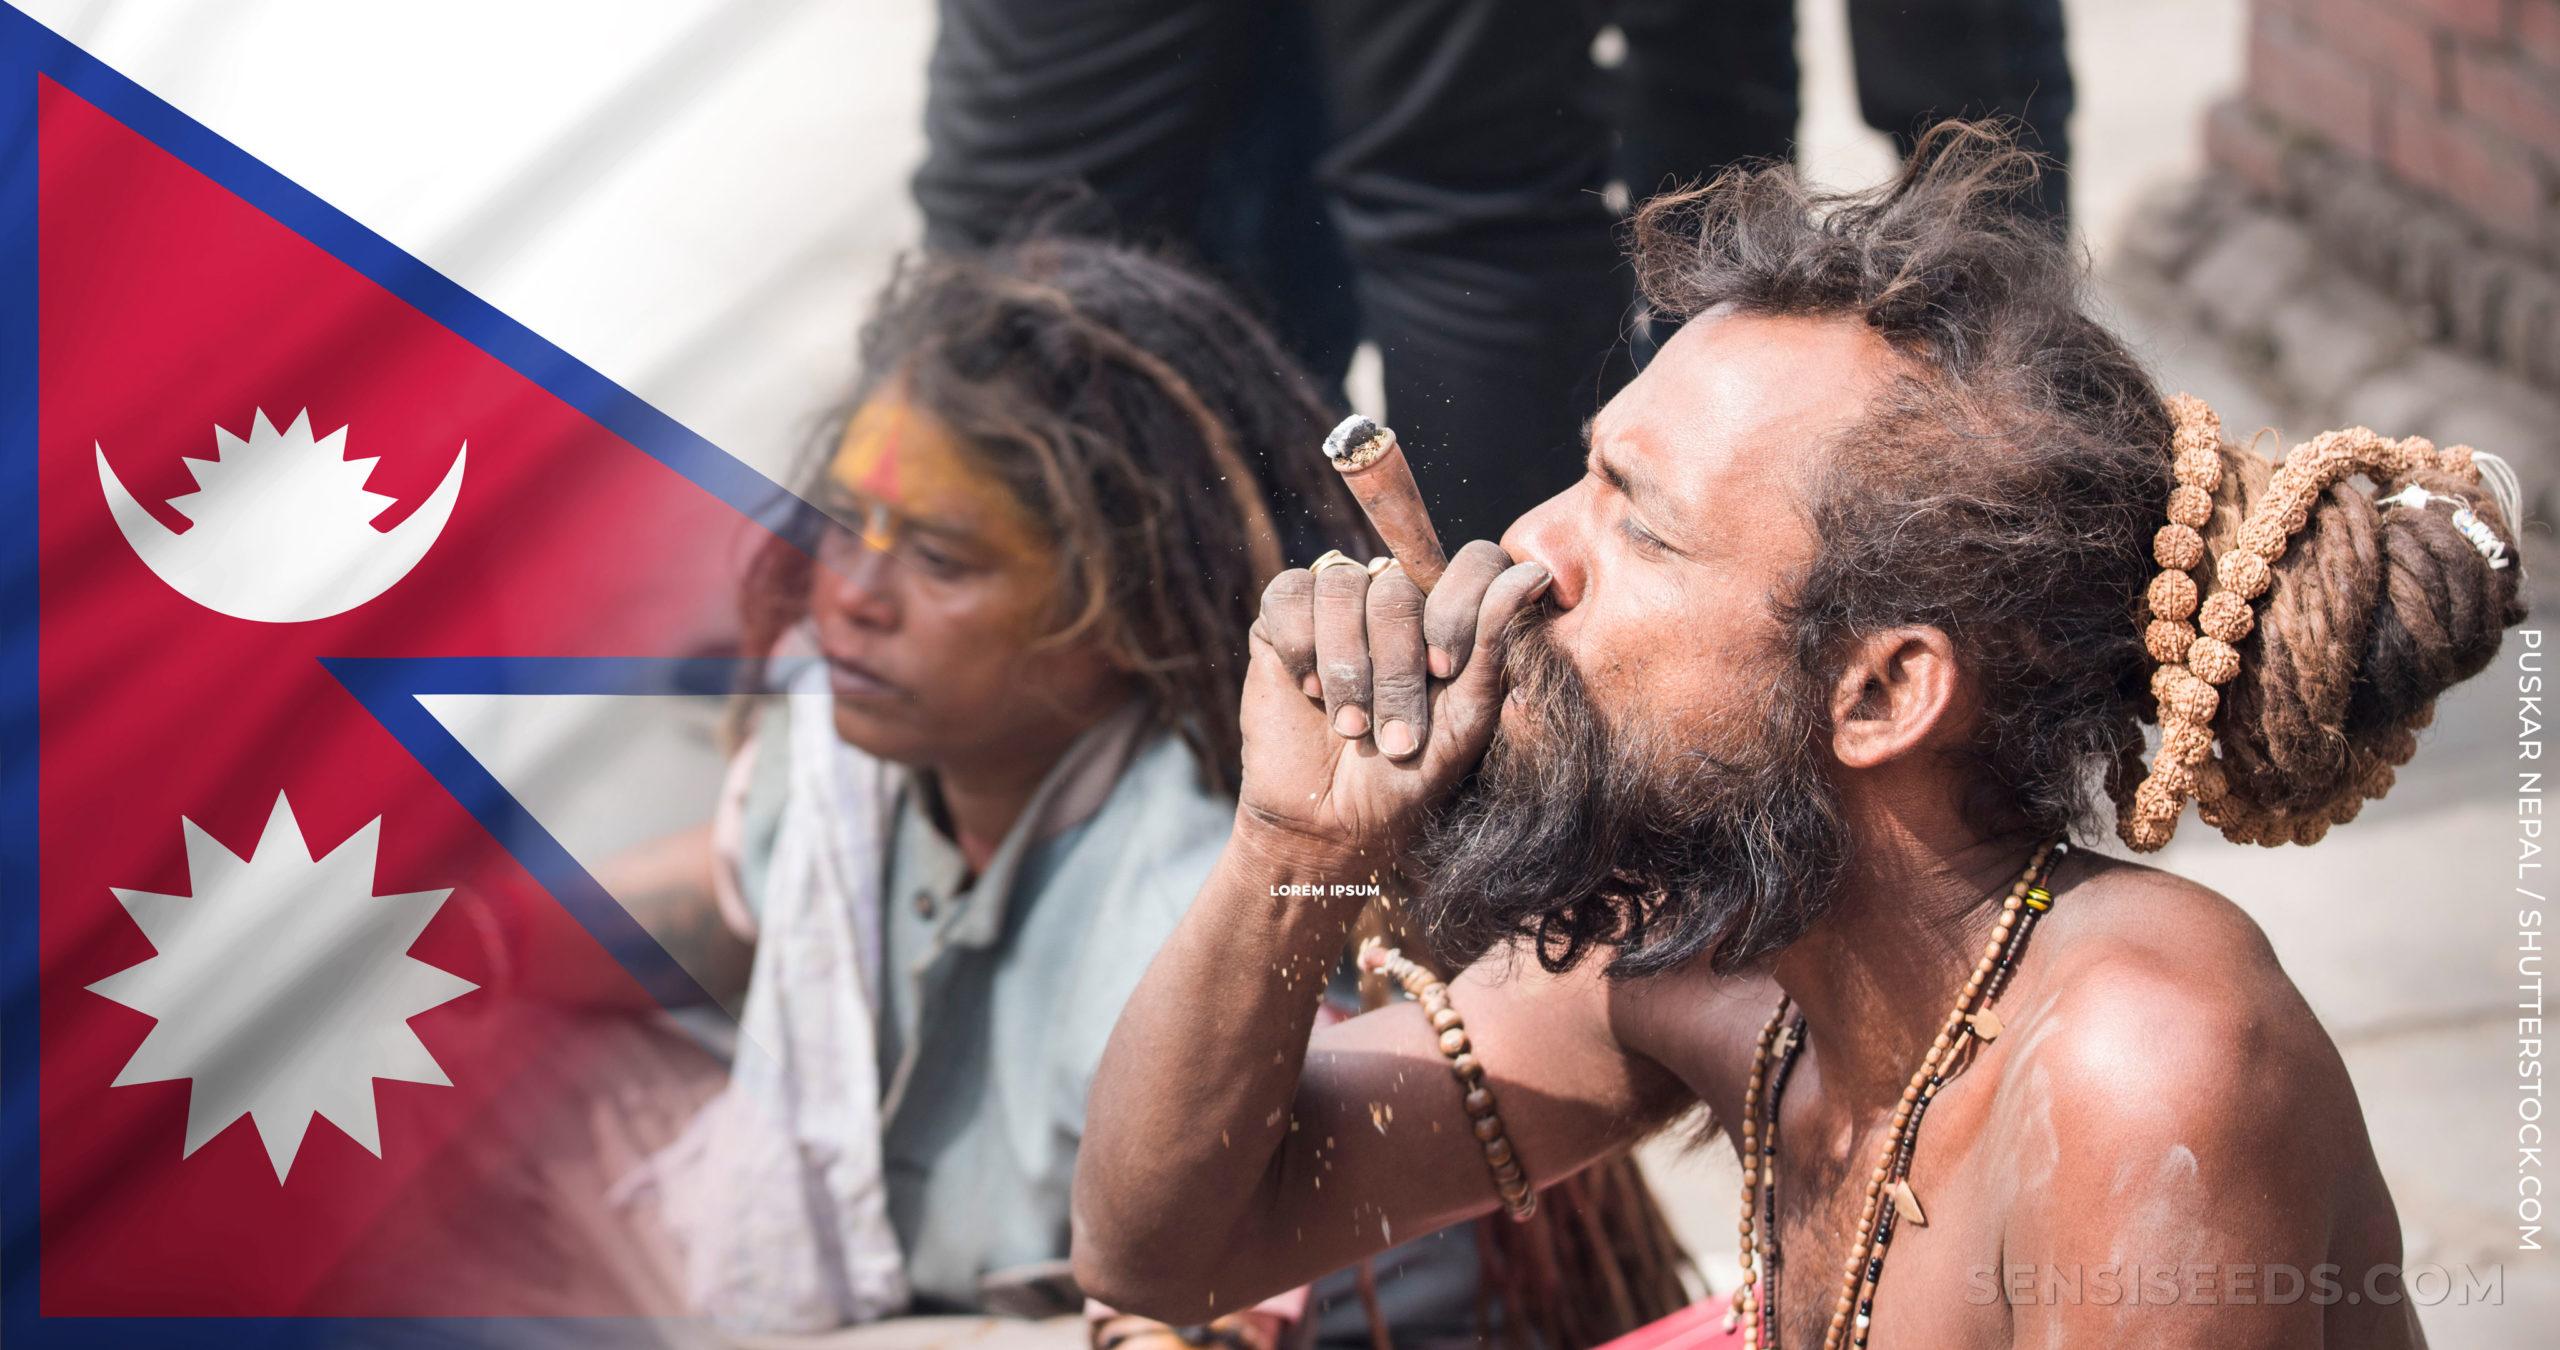 La bandera nepalí y un hombre en topless con una barba fumando una articulación.